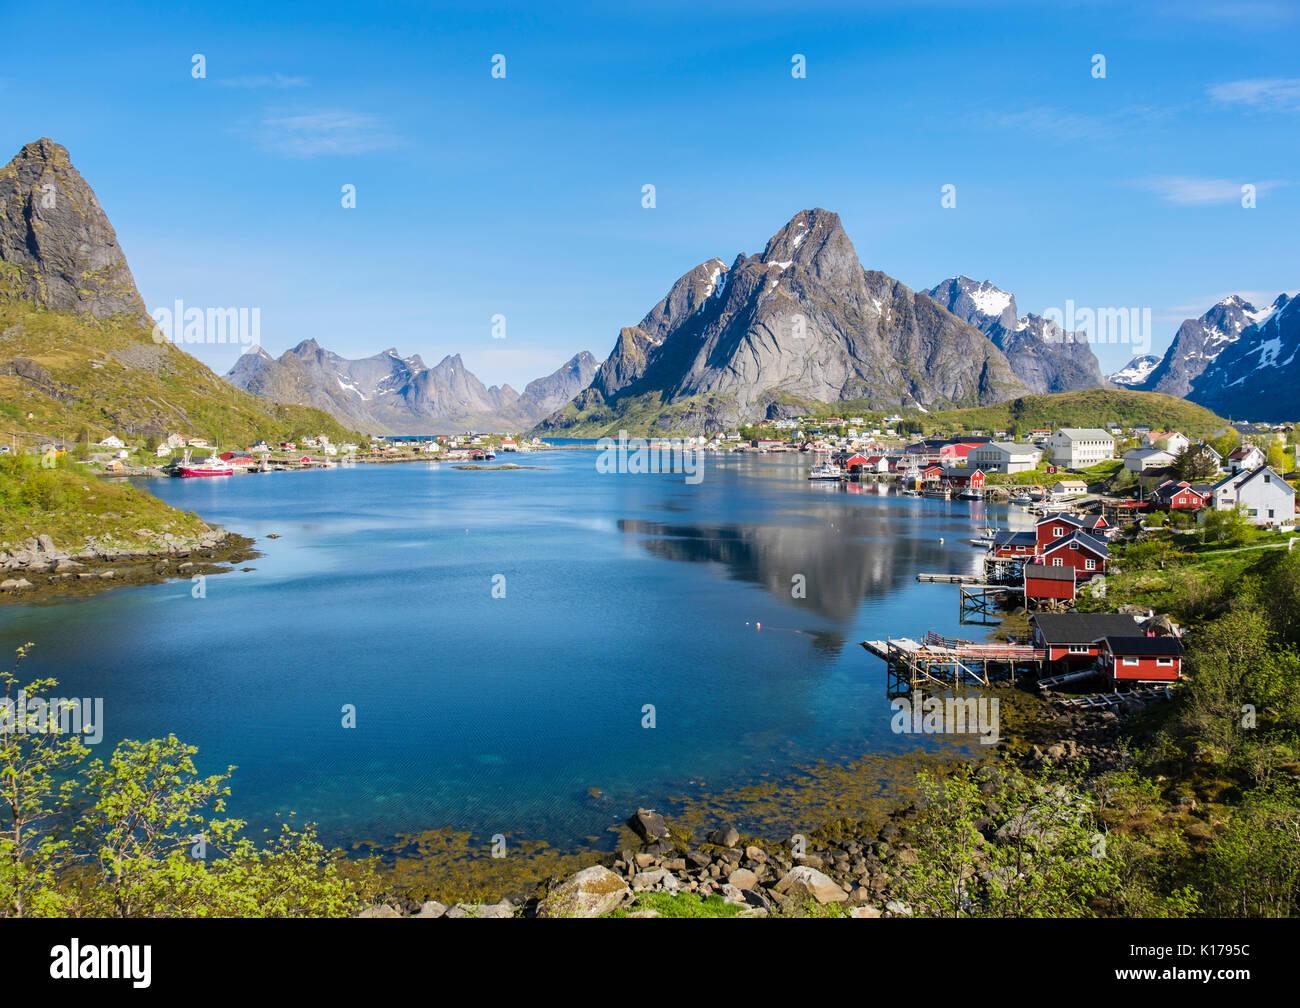 Vue panoramique sur le port de pêche, à la montagne en été. Reine, Moskenes, Moskenesøya, îles Lofoten, Norvège, Nordland Banque D'Images